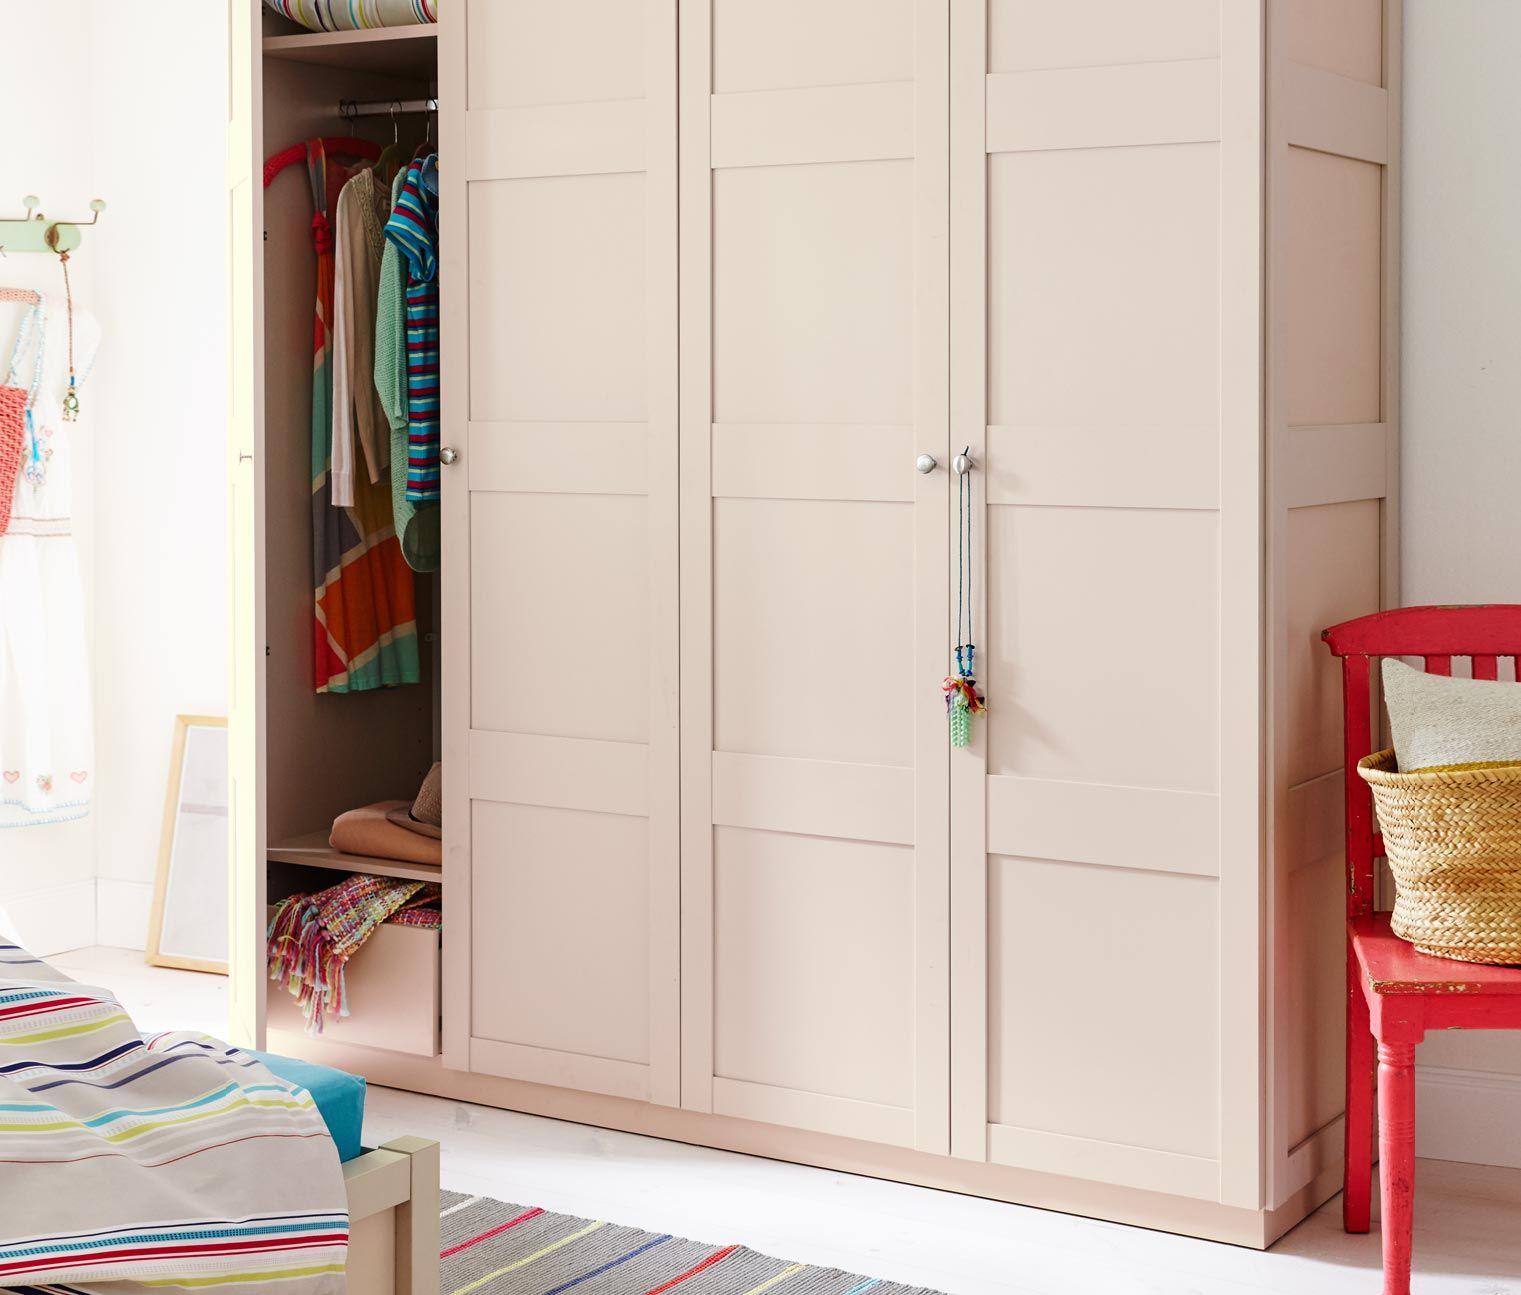 Kleiderschrank in Rahmenbauweise online bestellen bei Tchibo 315330 ...